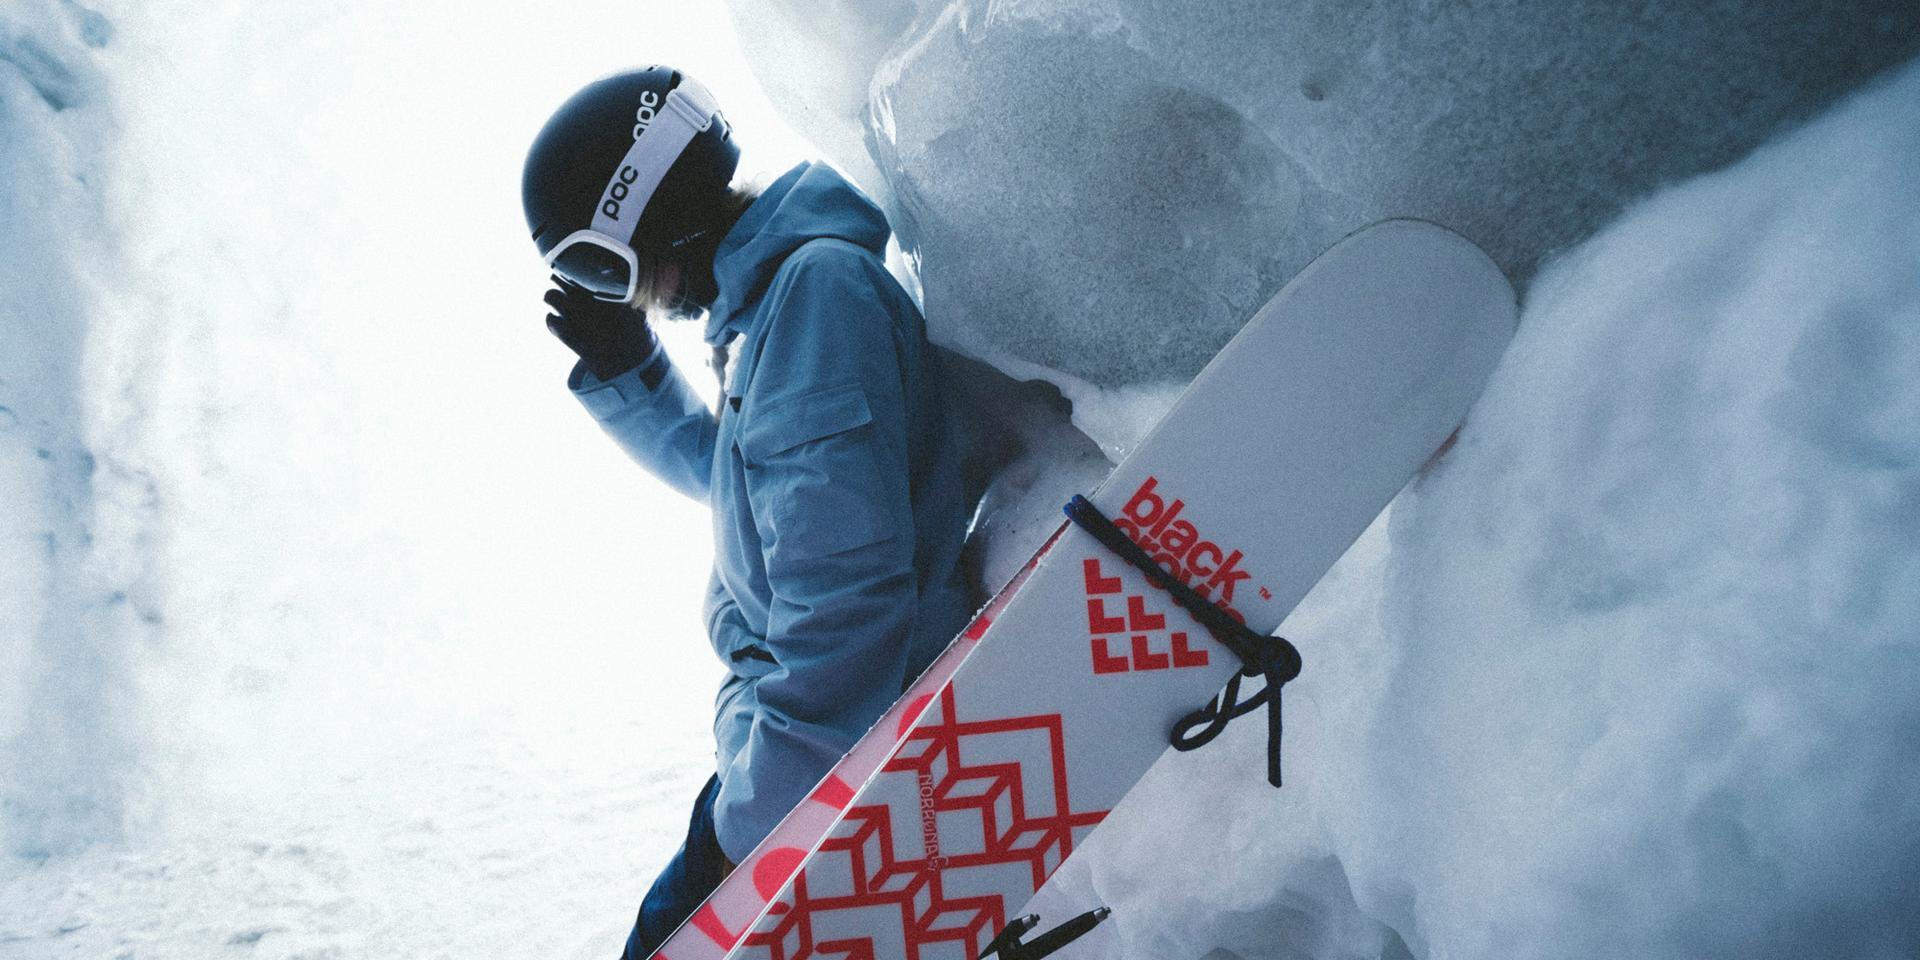 Eine Skitourengeherin lehnt hinter ihren passenden Tourenskiern auf einem Berg.